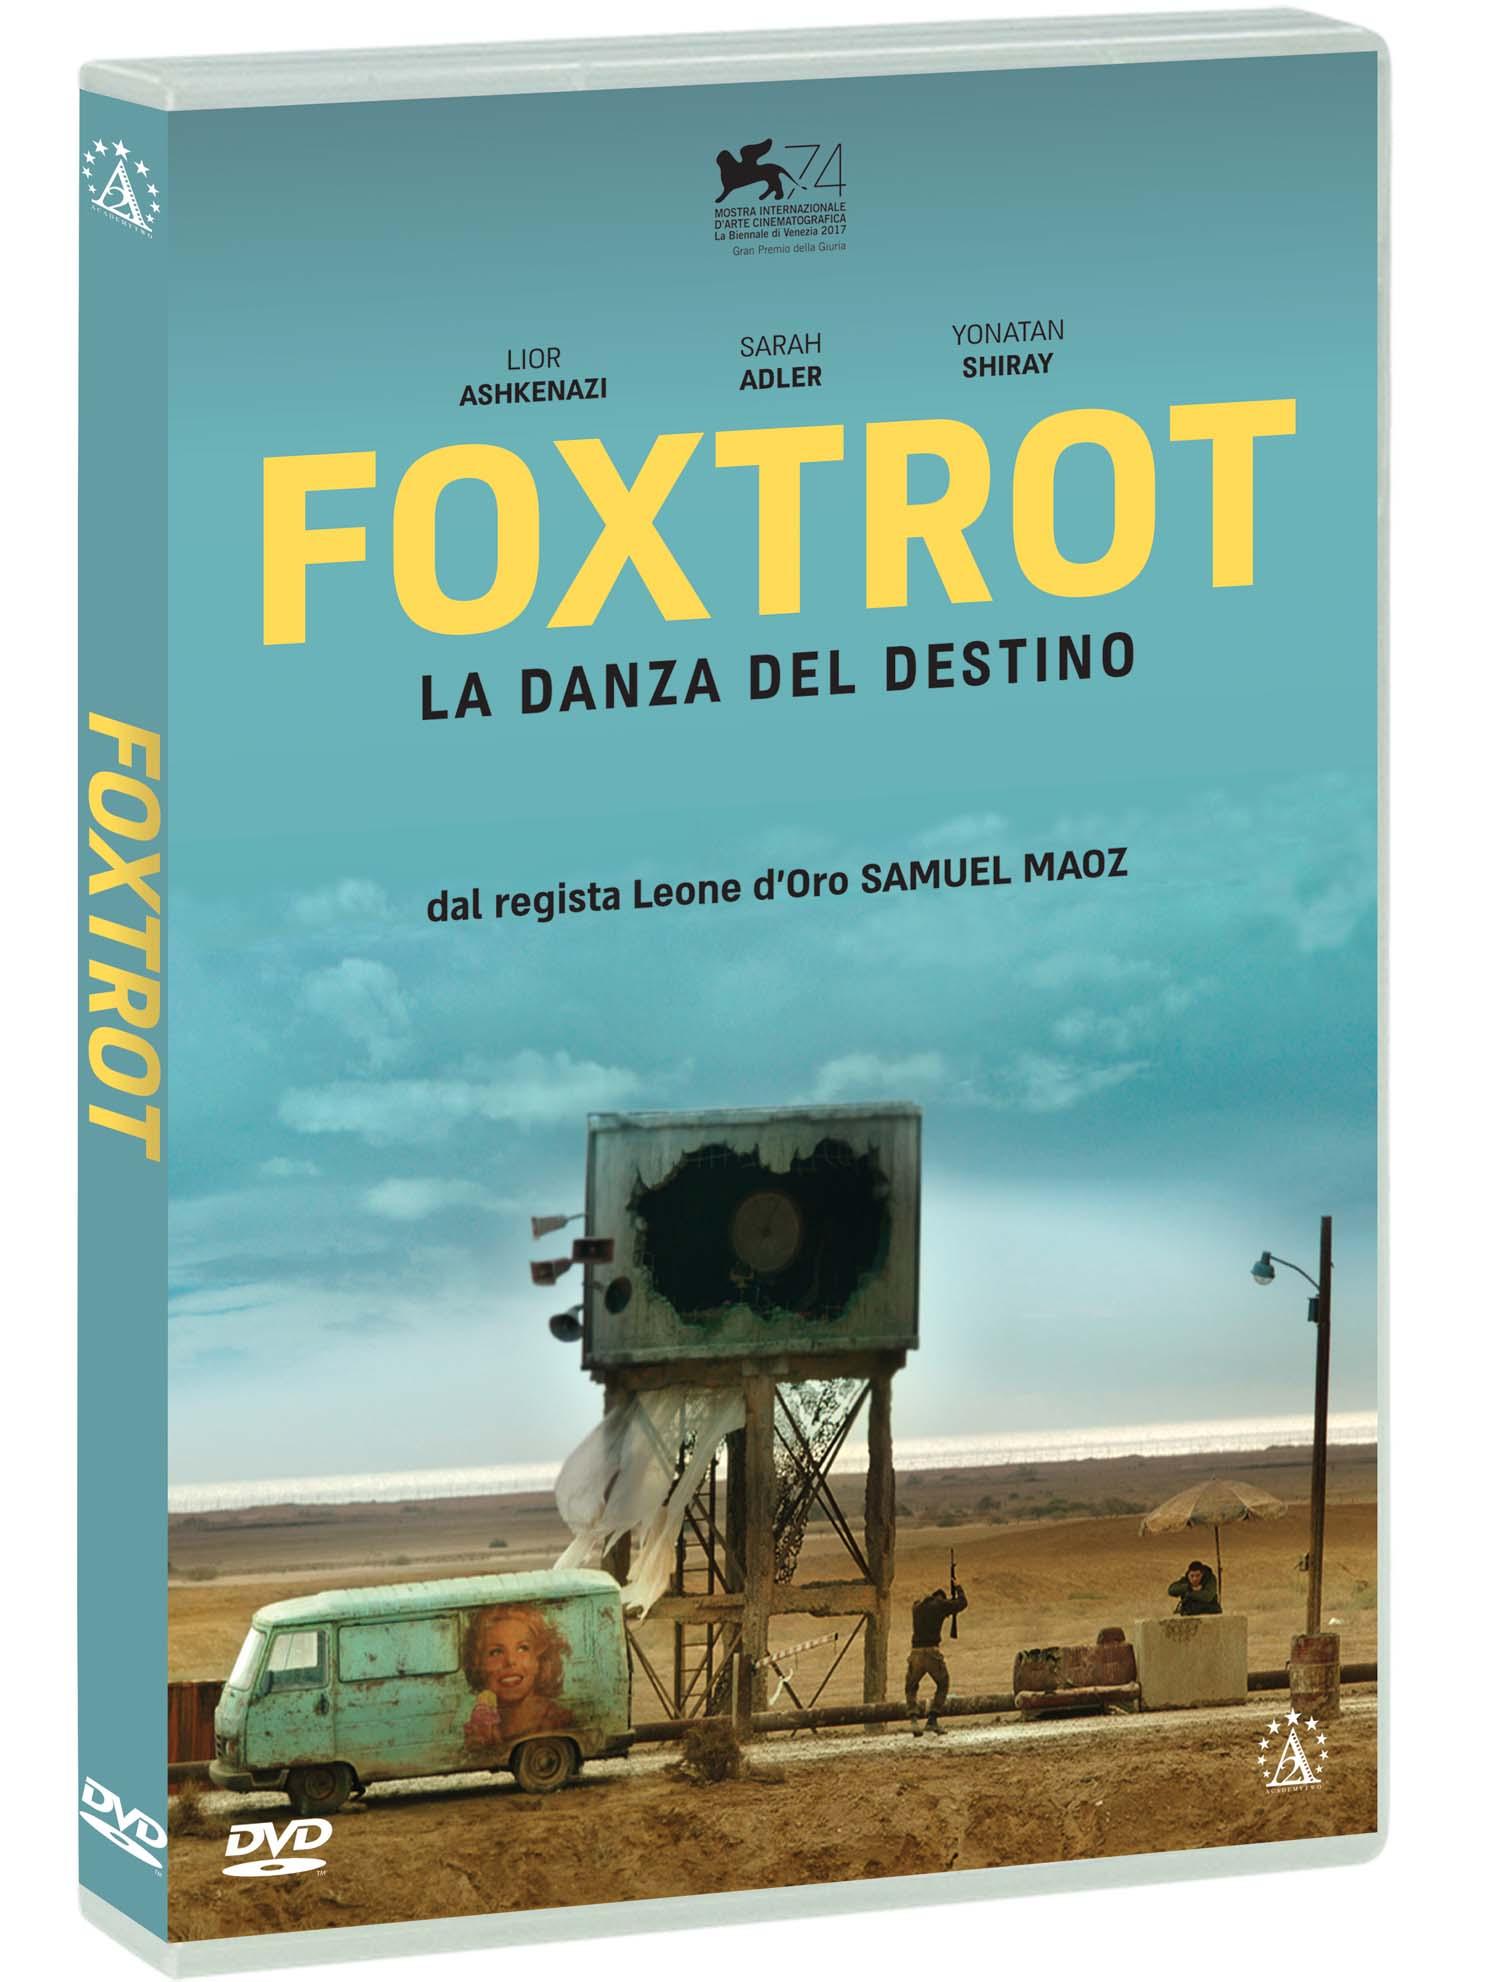 FOXTROT (DVD)